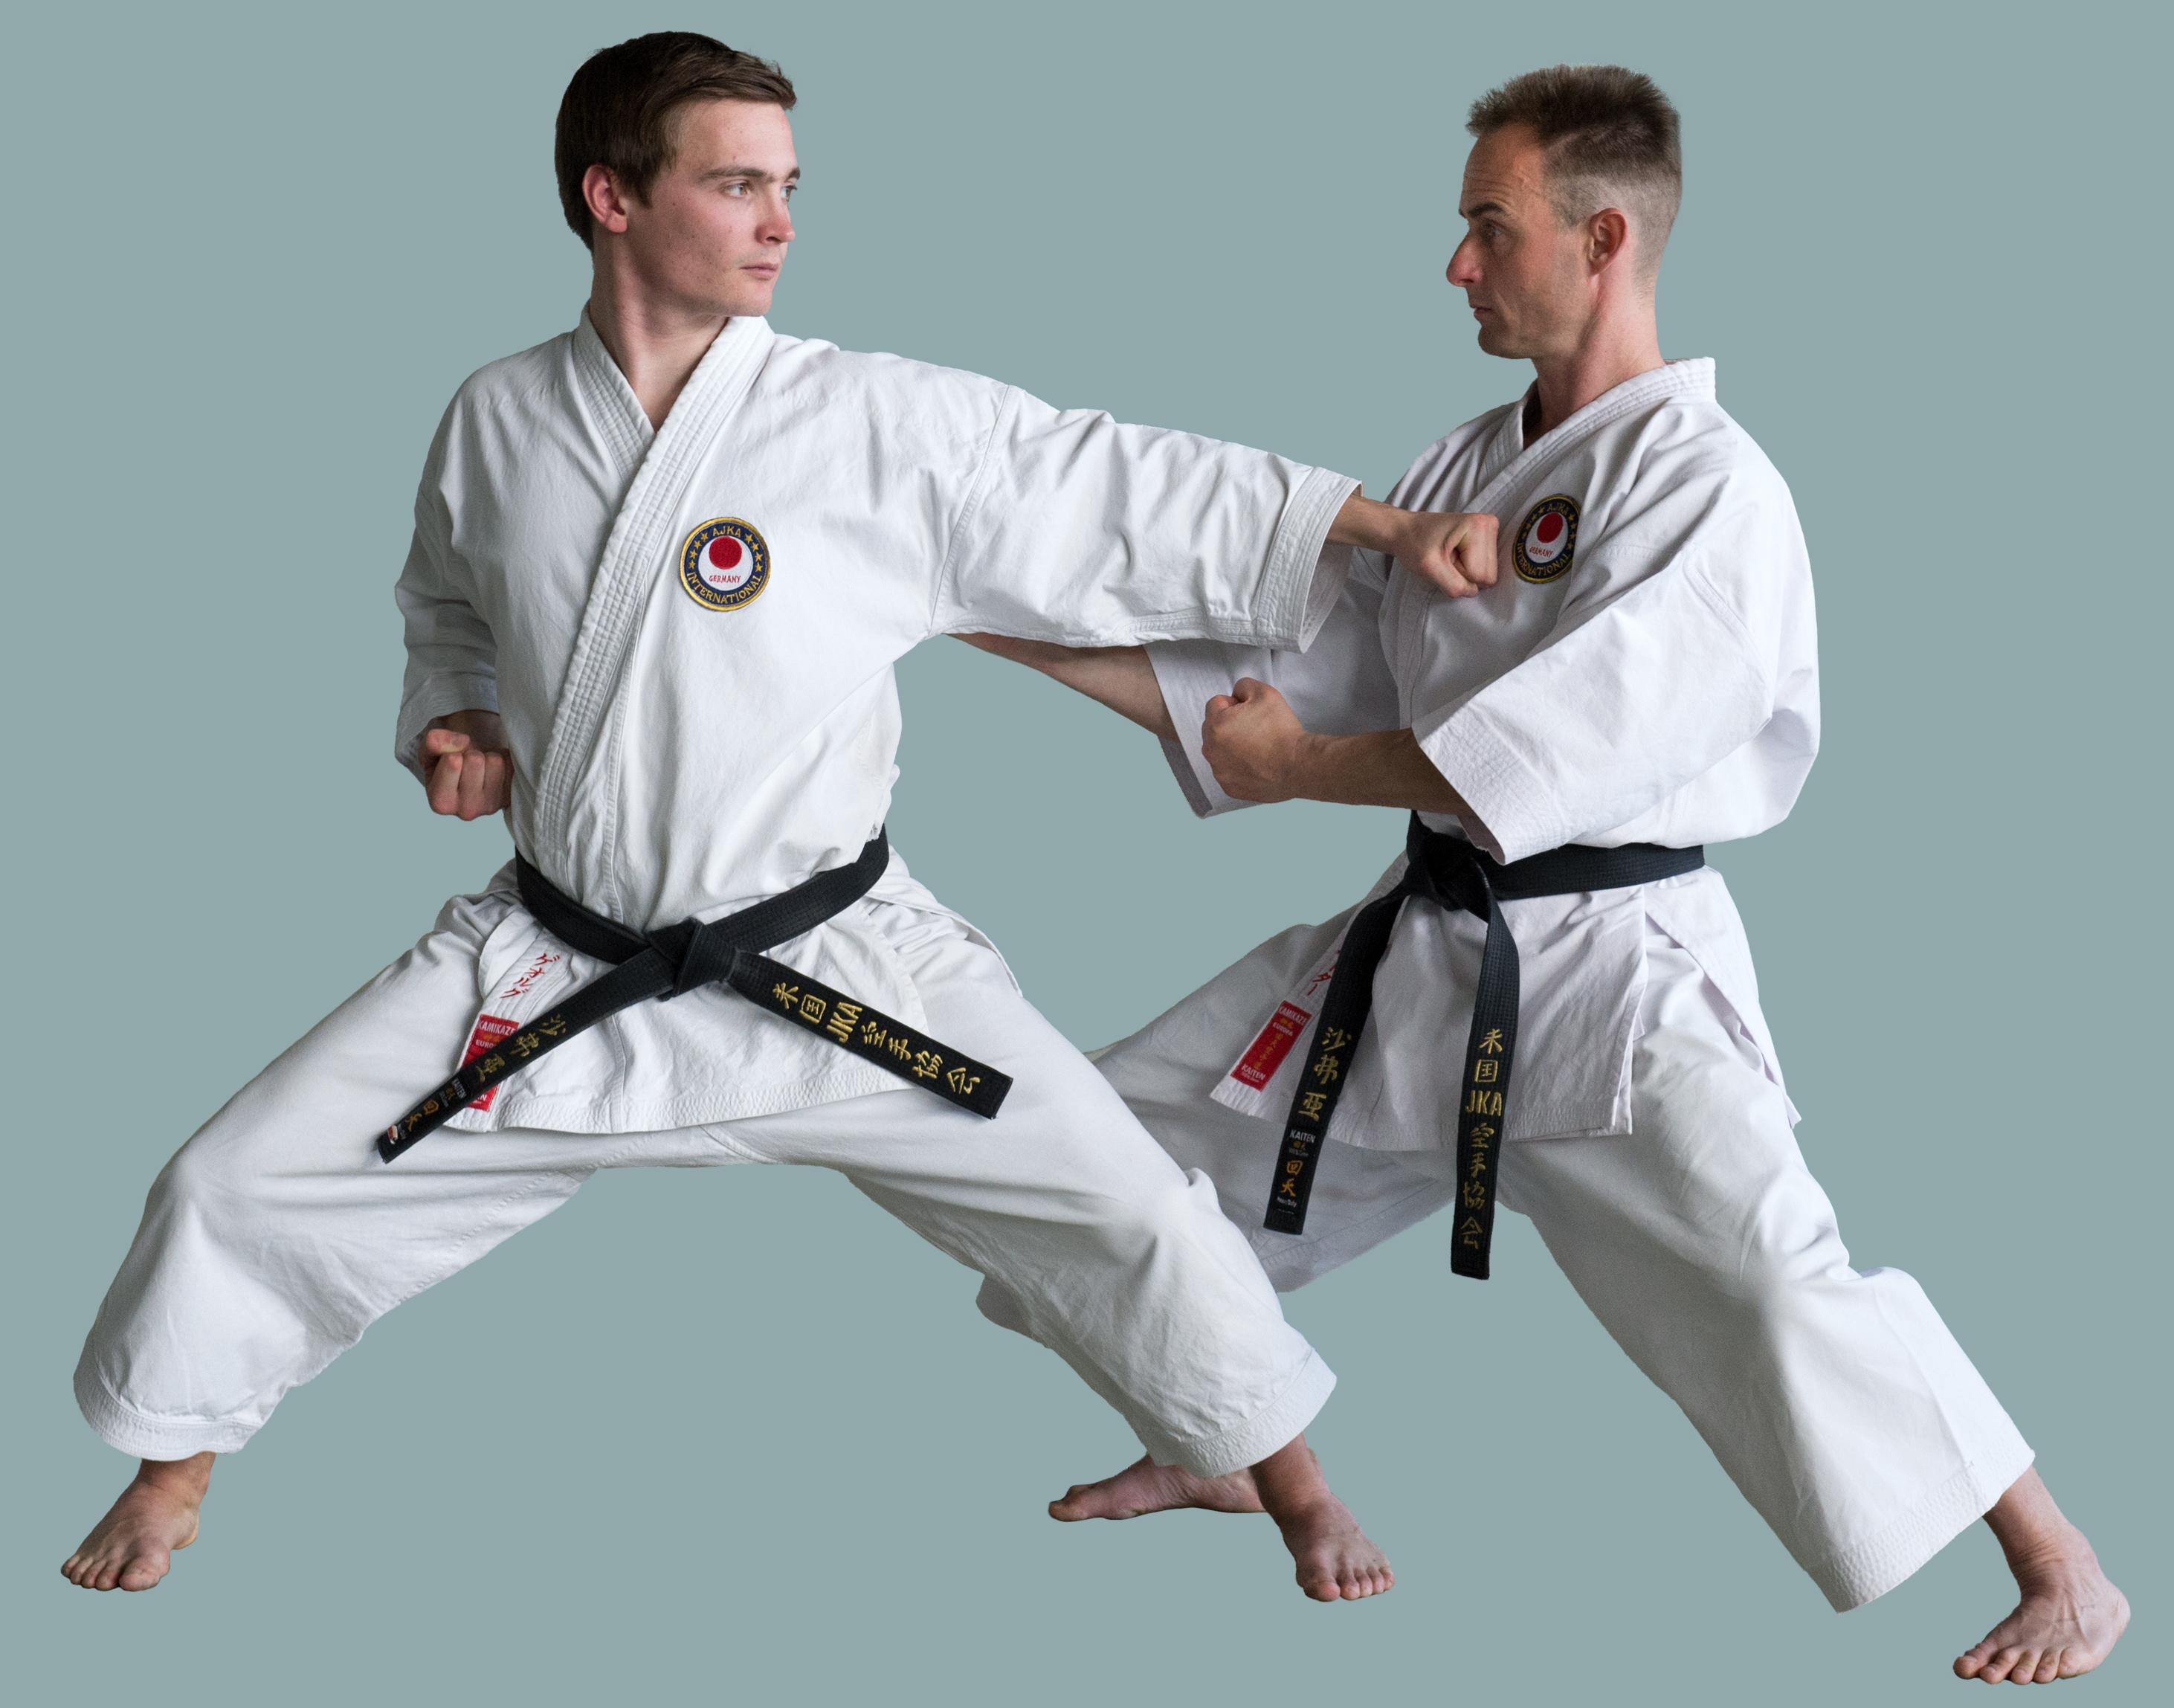 Karate leicht erlernt